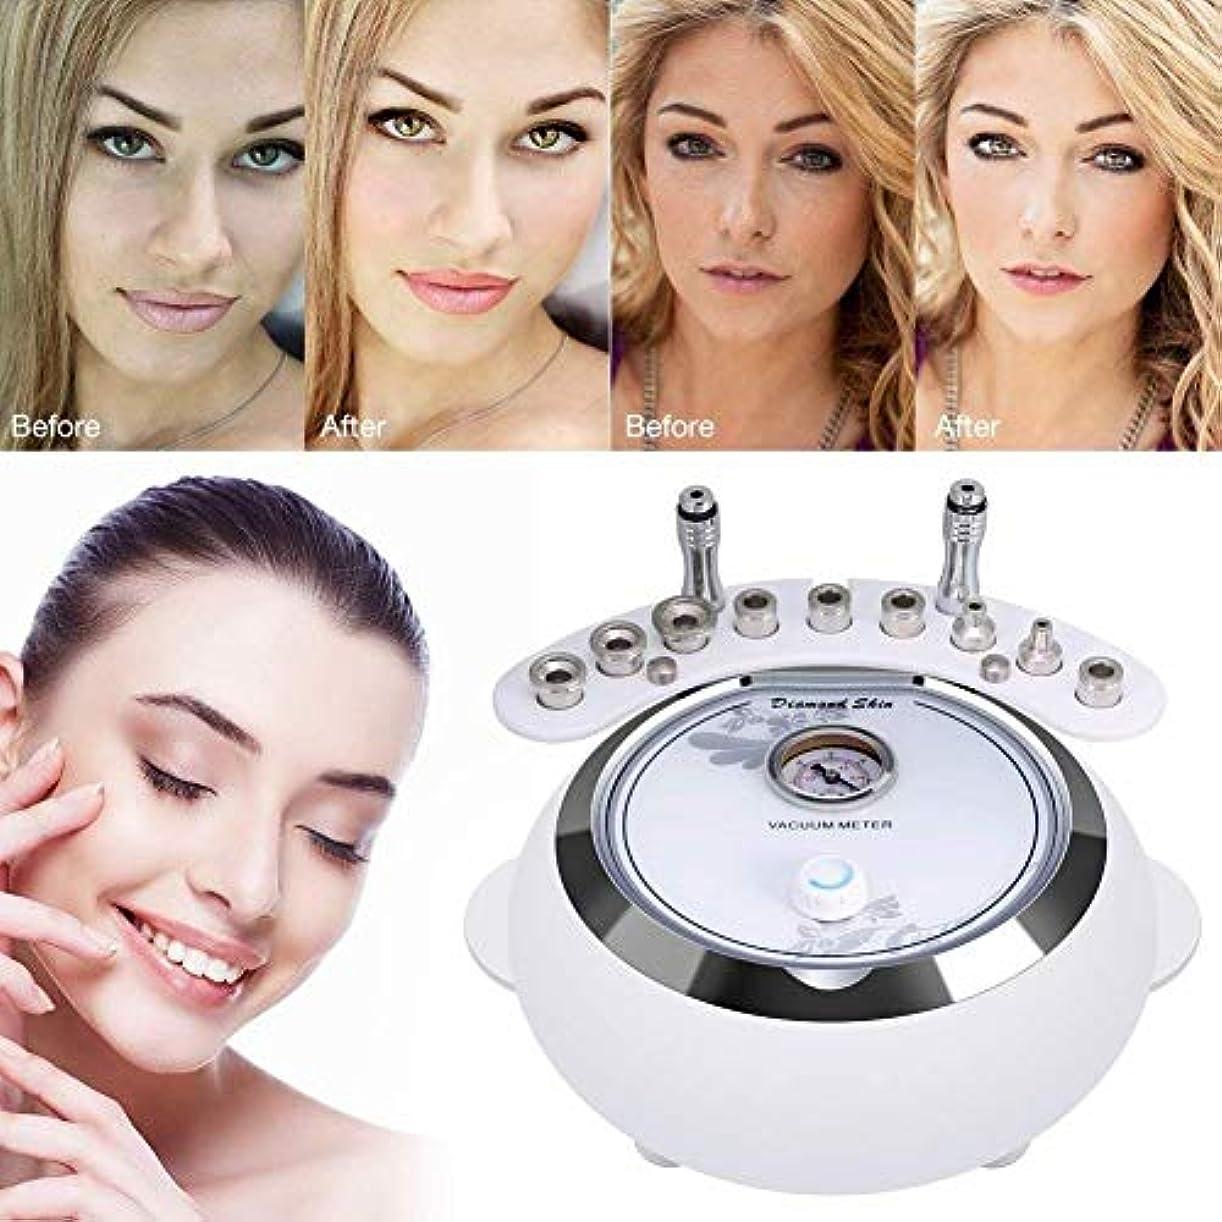 意味する太鼓腹モネ1つのダイヤモンドのマイクロダーマブレーション機械に付き3つ、顔のスキンケアの大広間装置w/掃除機をかけて強い吸引力のダイヤモンドの頭部の美装置